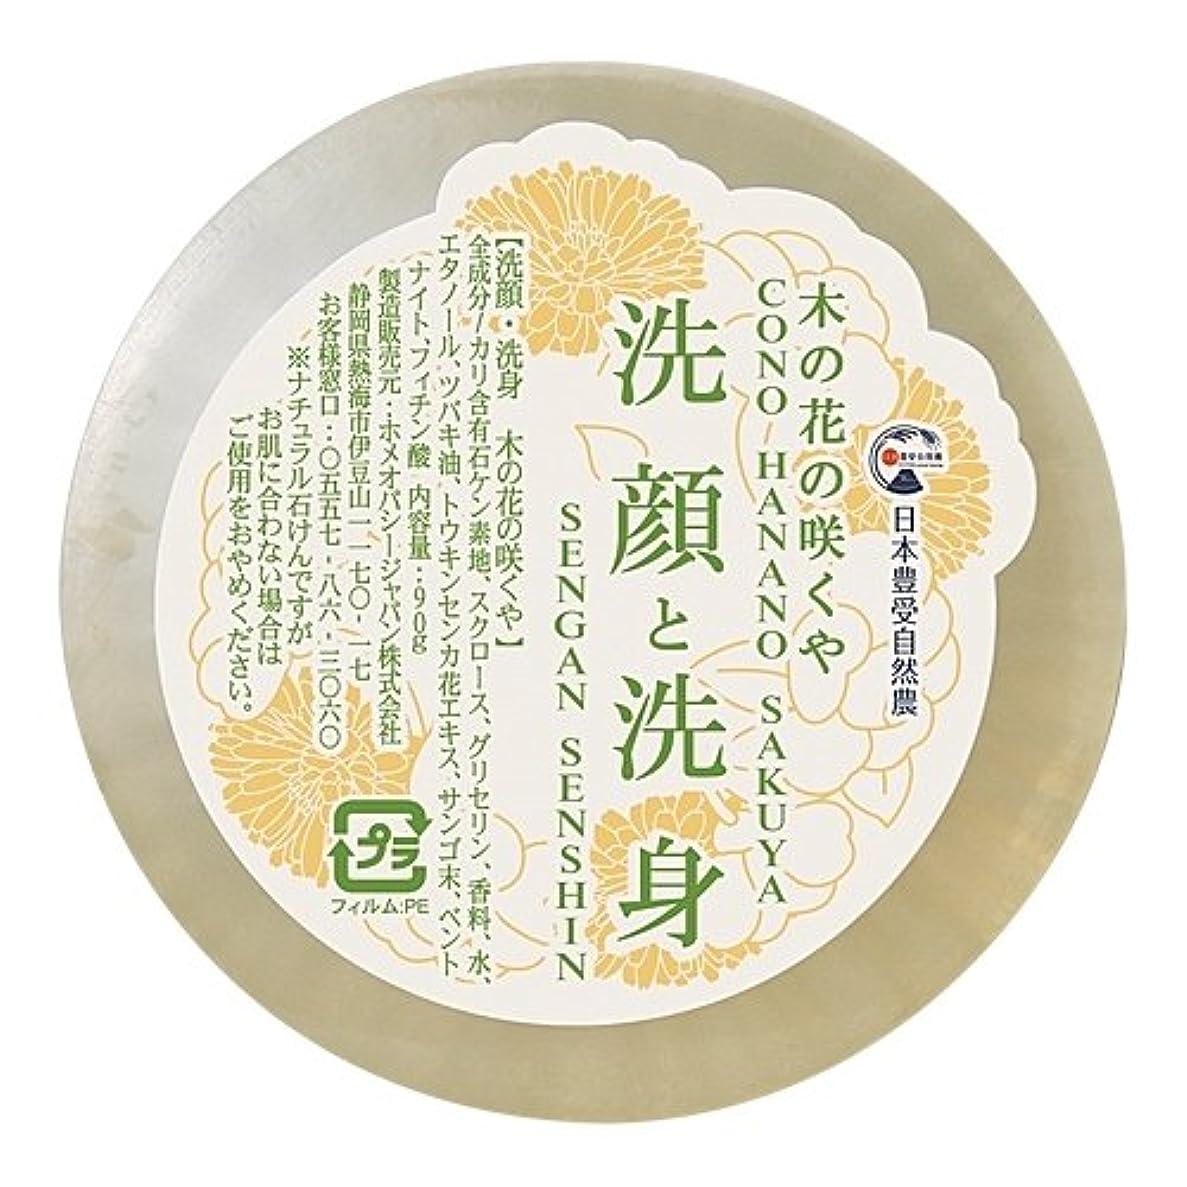 ボランティア水陸両用先例日本豊受自然農 木の花の咲くや 洗顔?洗身ソープ 90g